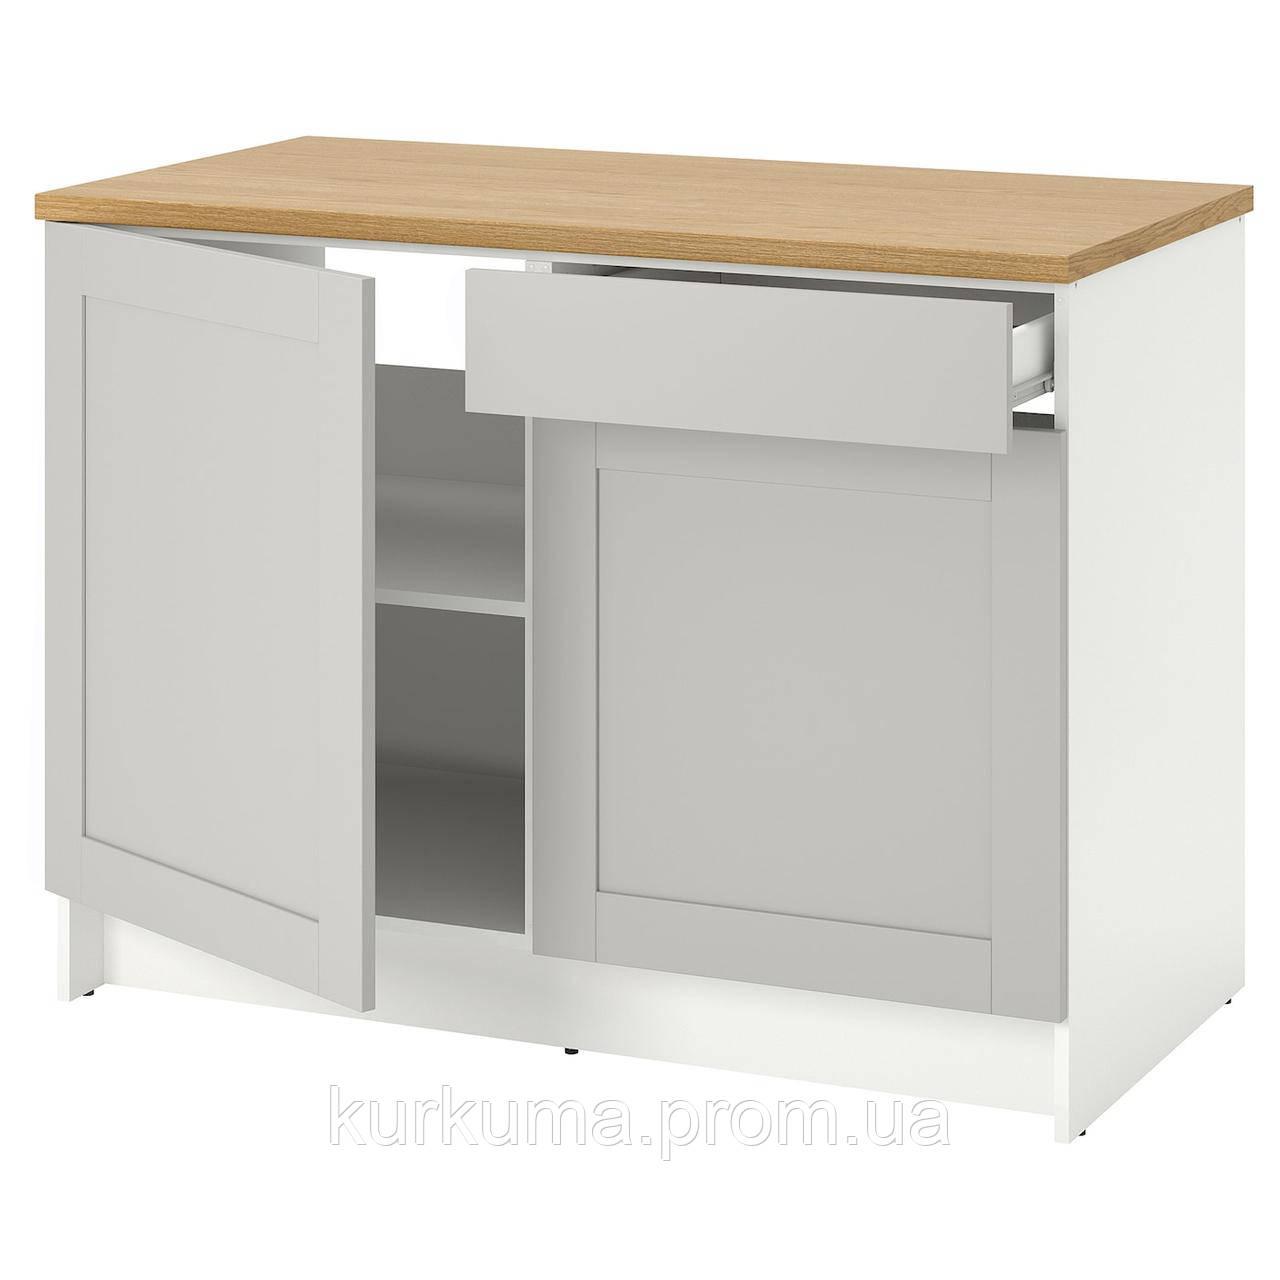 IKEA KNOXHULT Напольный шкаф с дверцами, серый, 120 см (503.267.94)